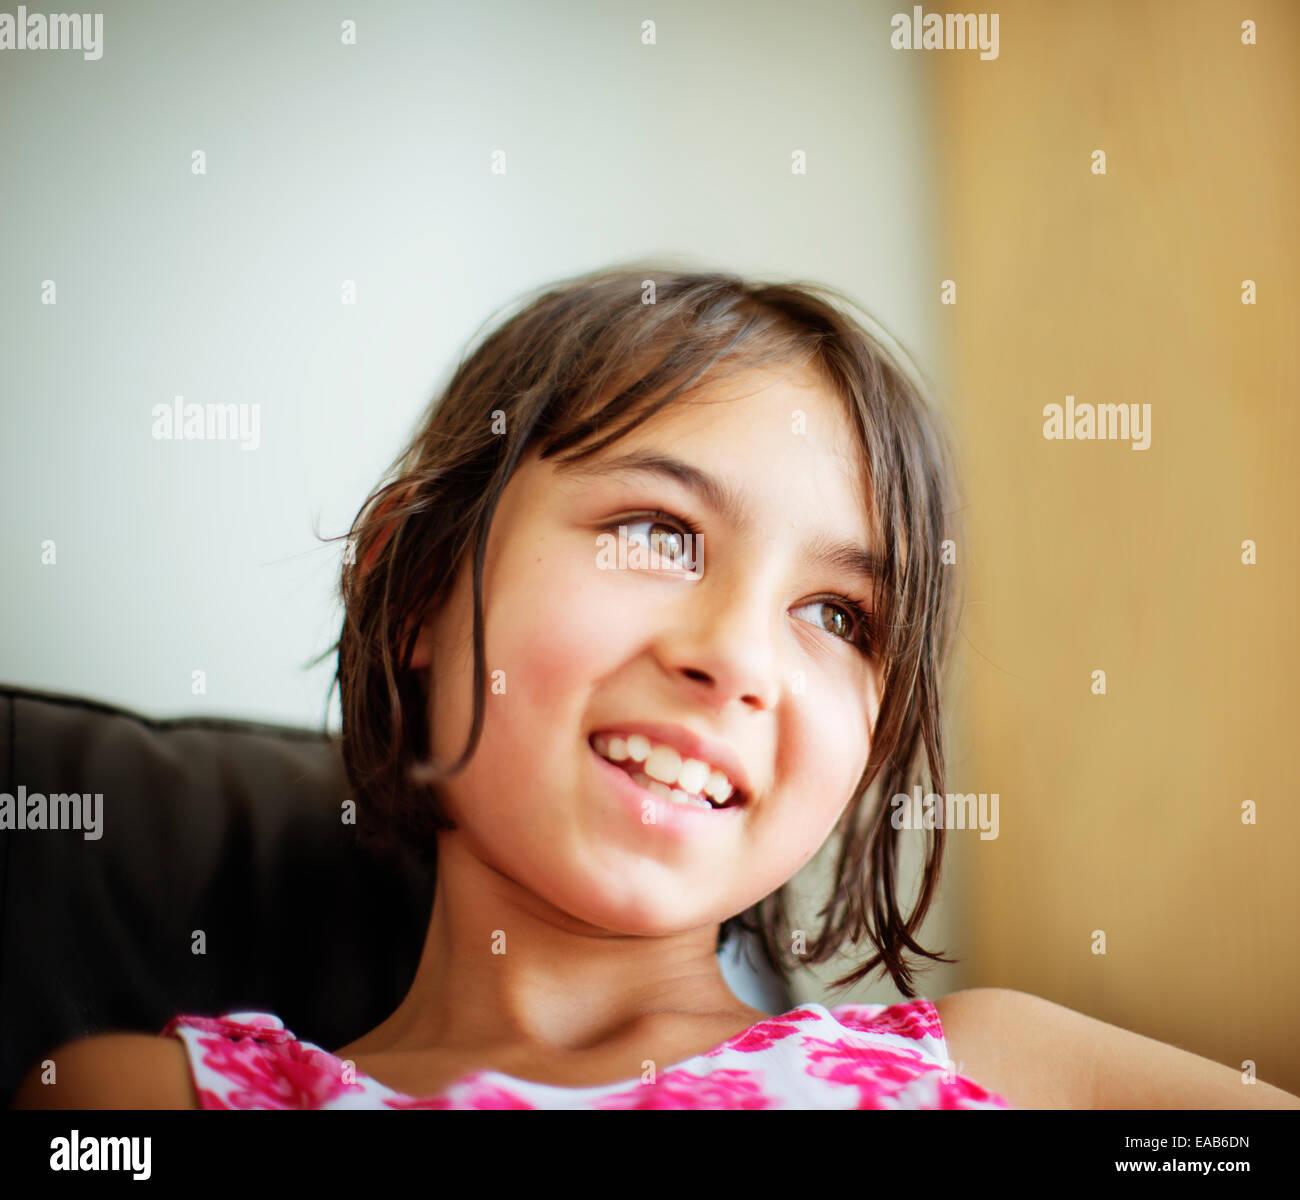 Ragazza sorridente ritratto Immagini Stock